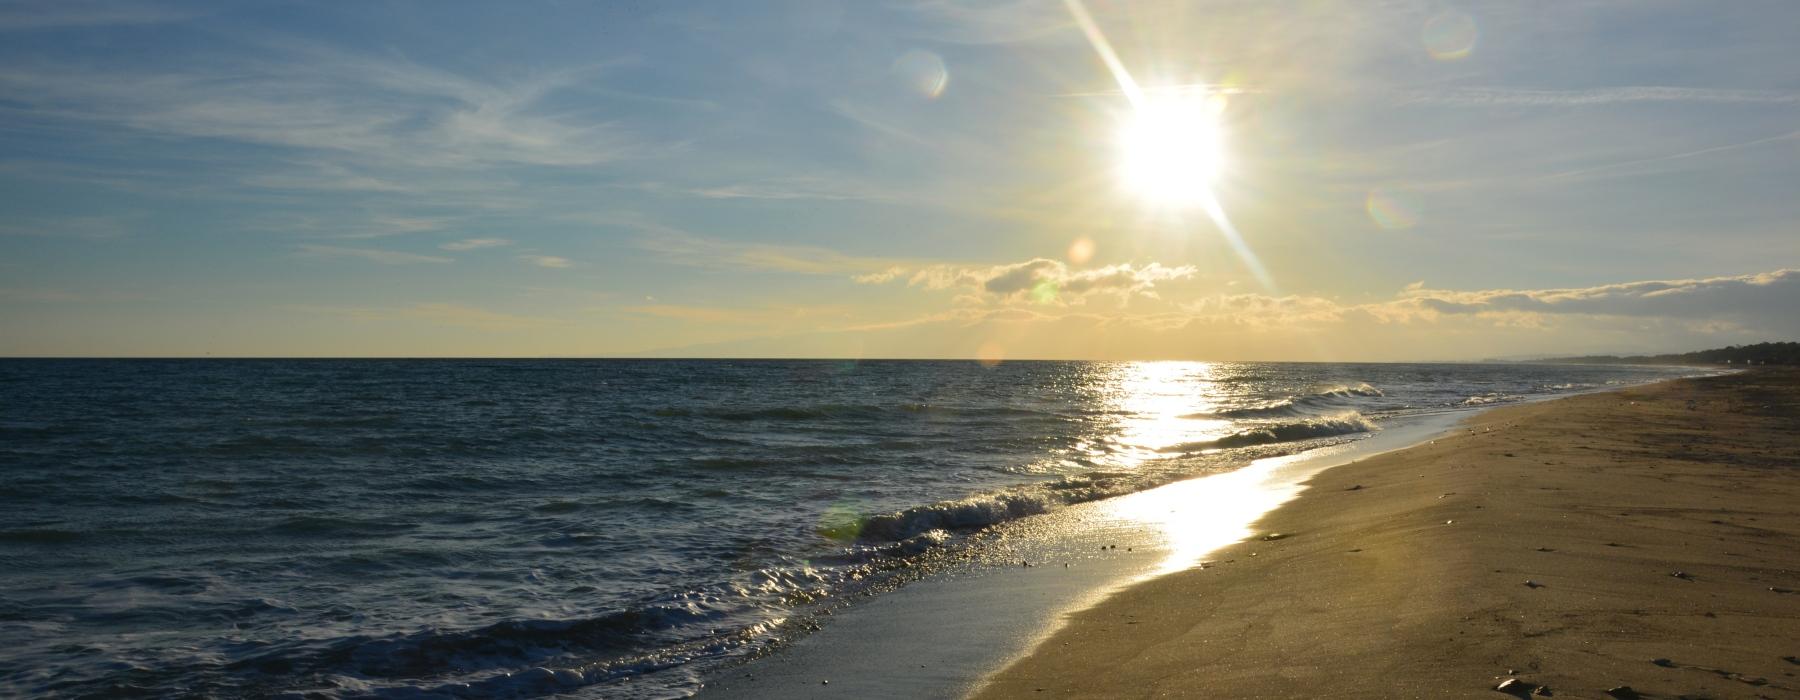 beach Calabria